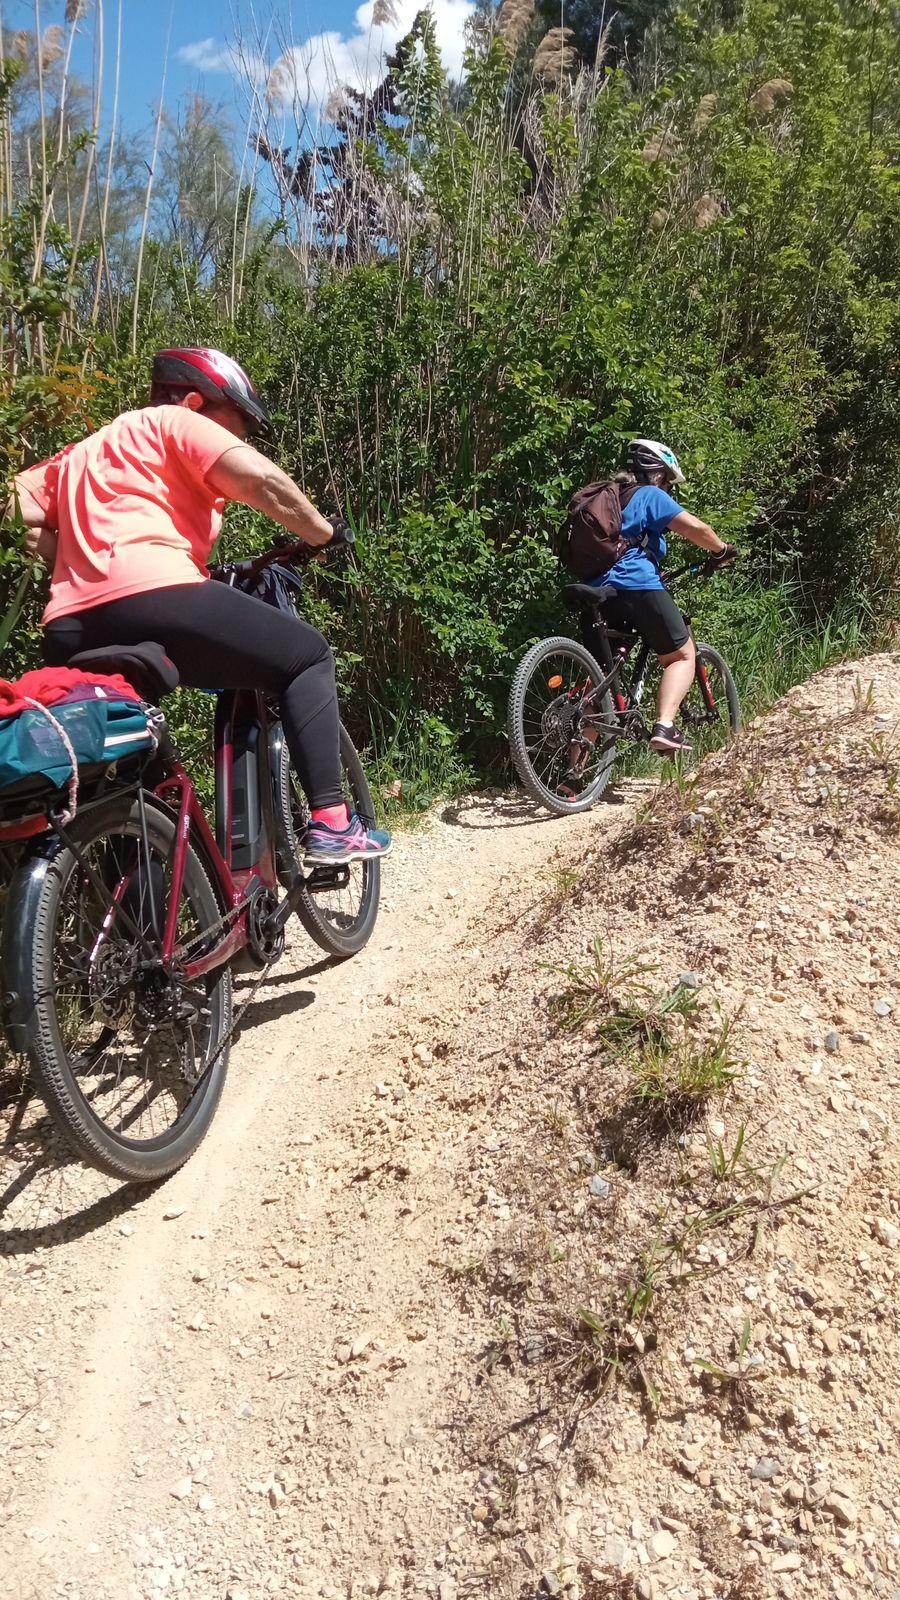 2021-05-07 Randonnée à Vélo en Camargue